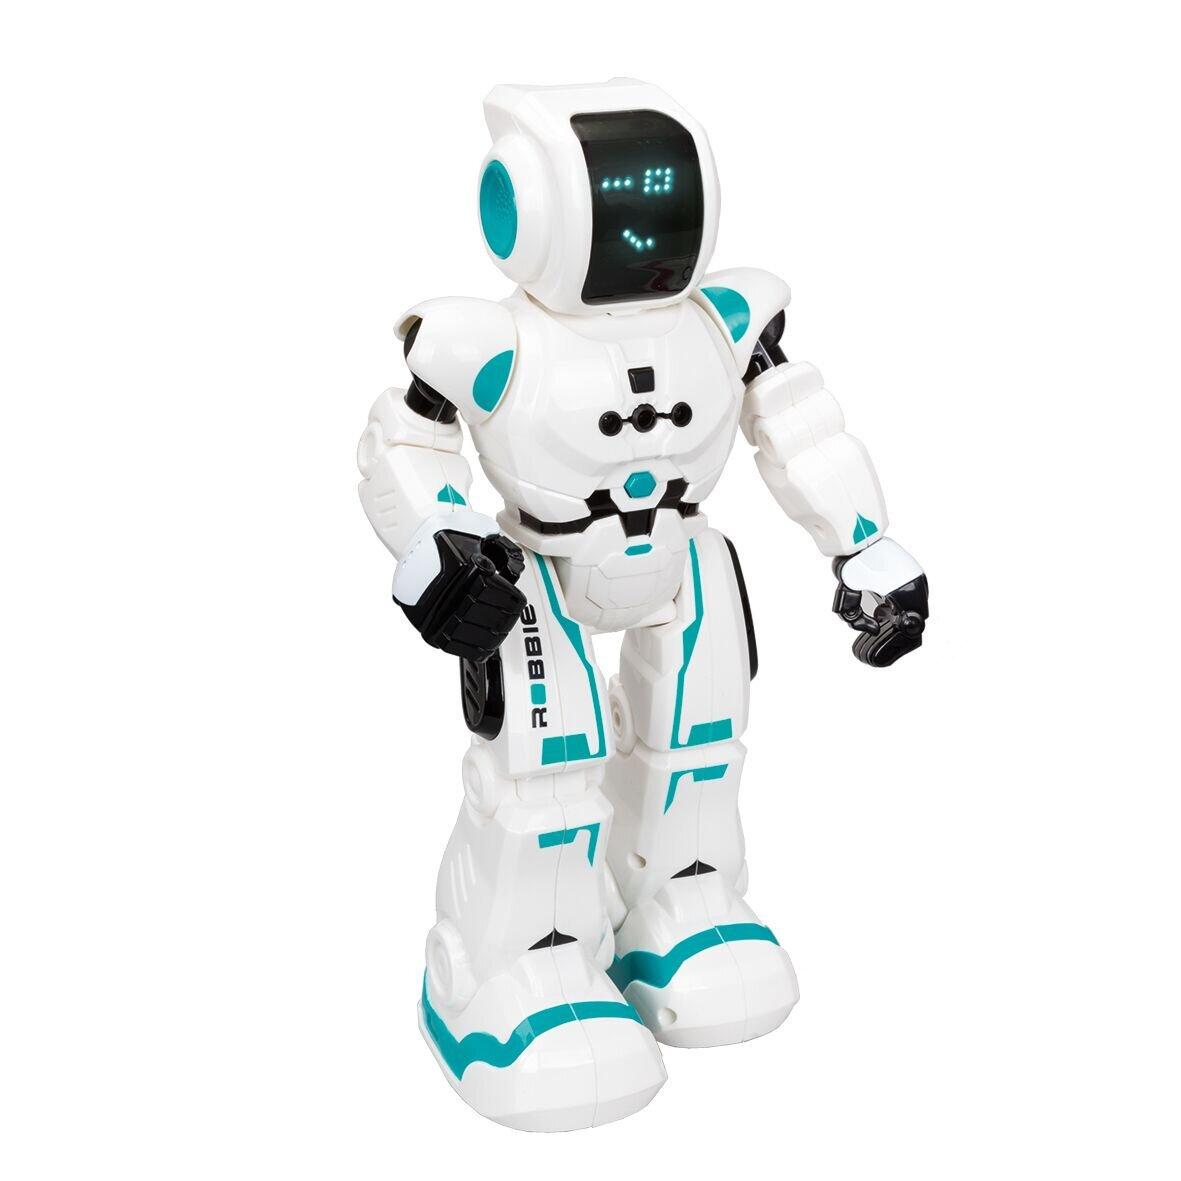 individualizuotas prekybos robotas